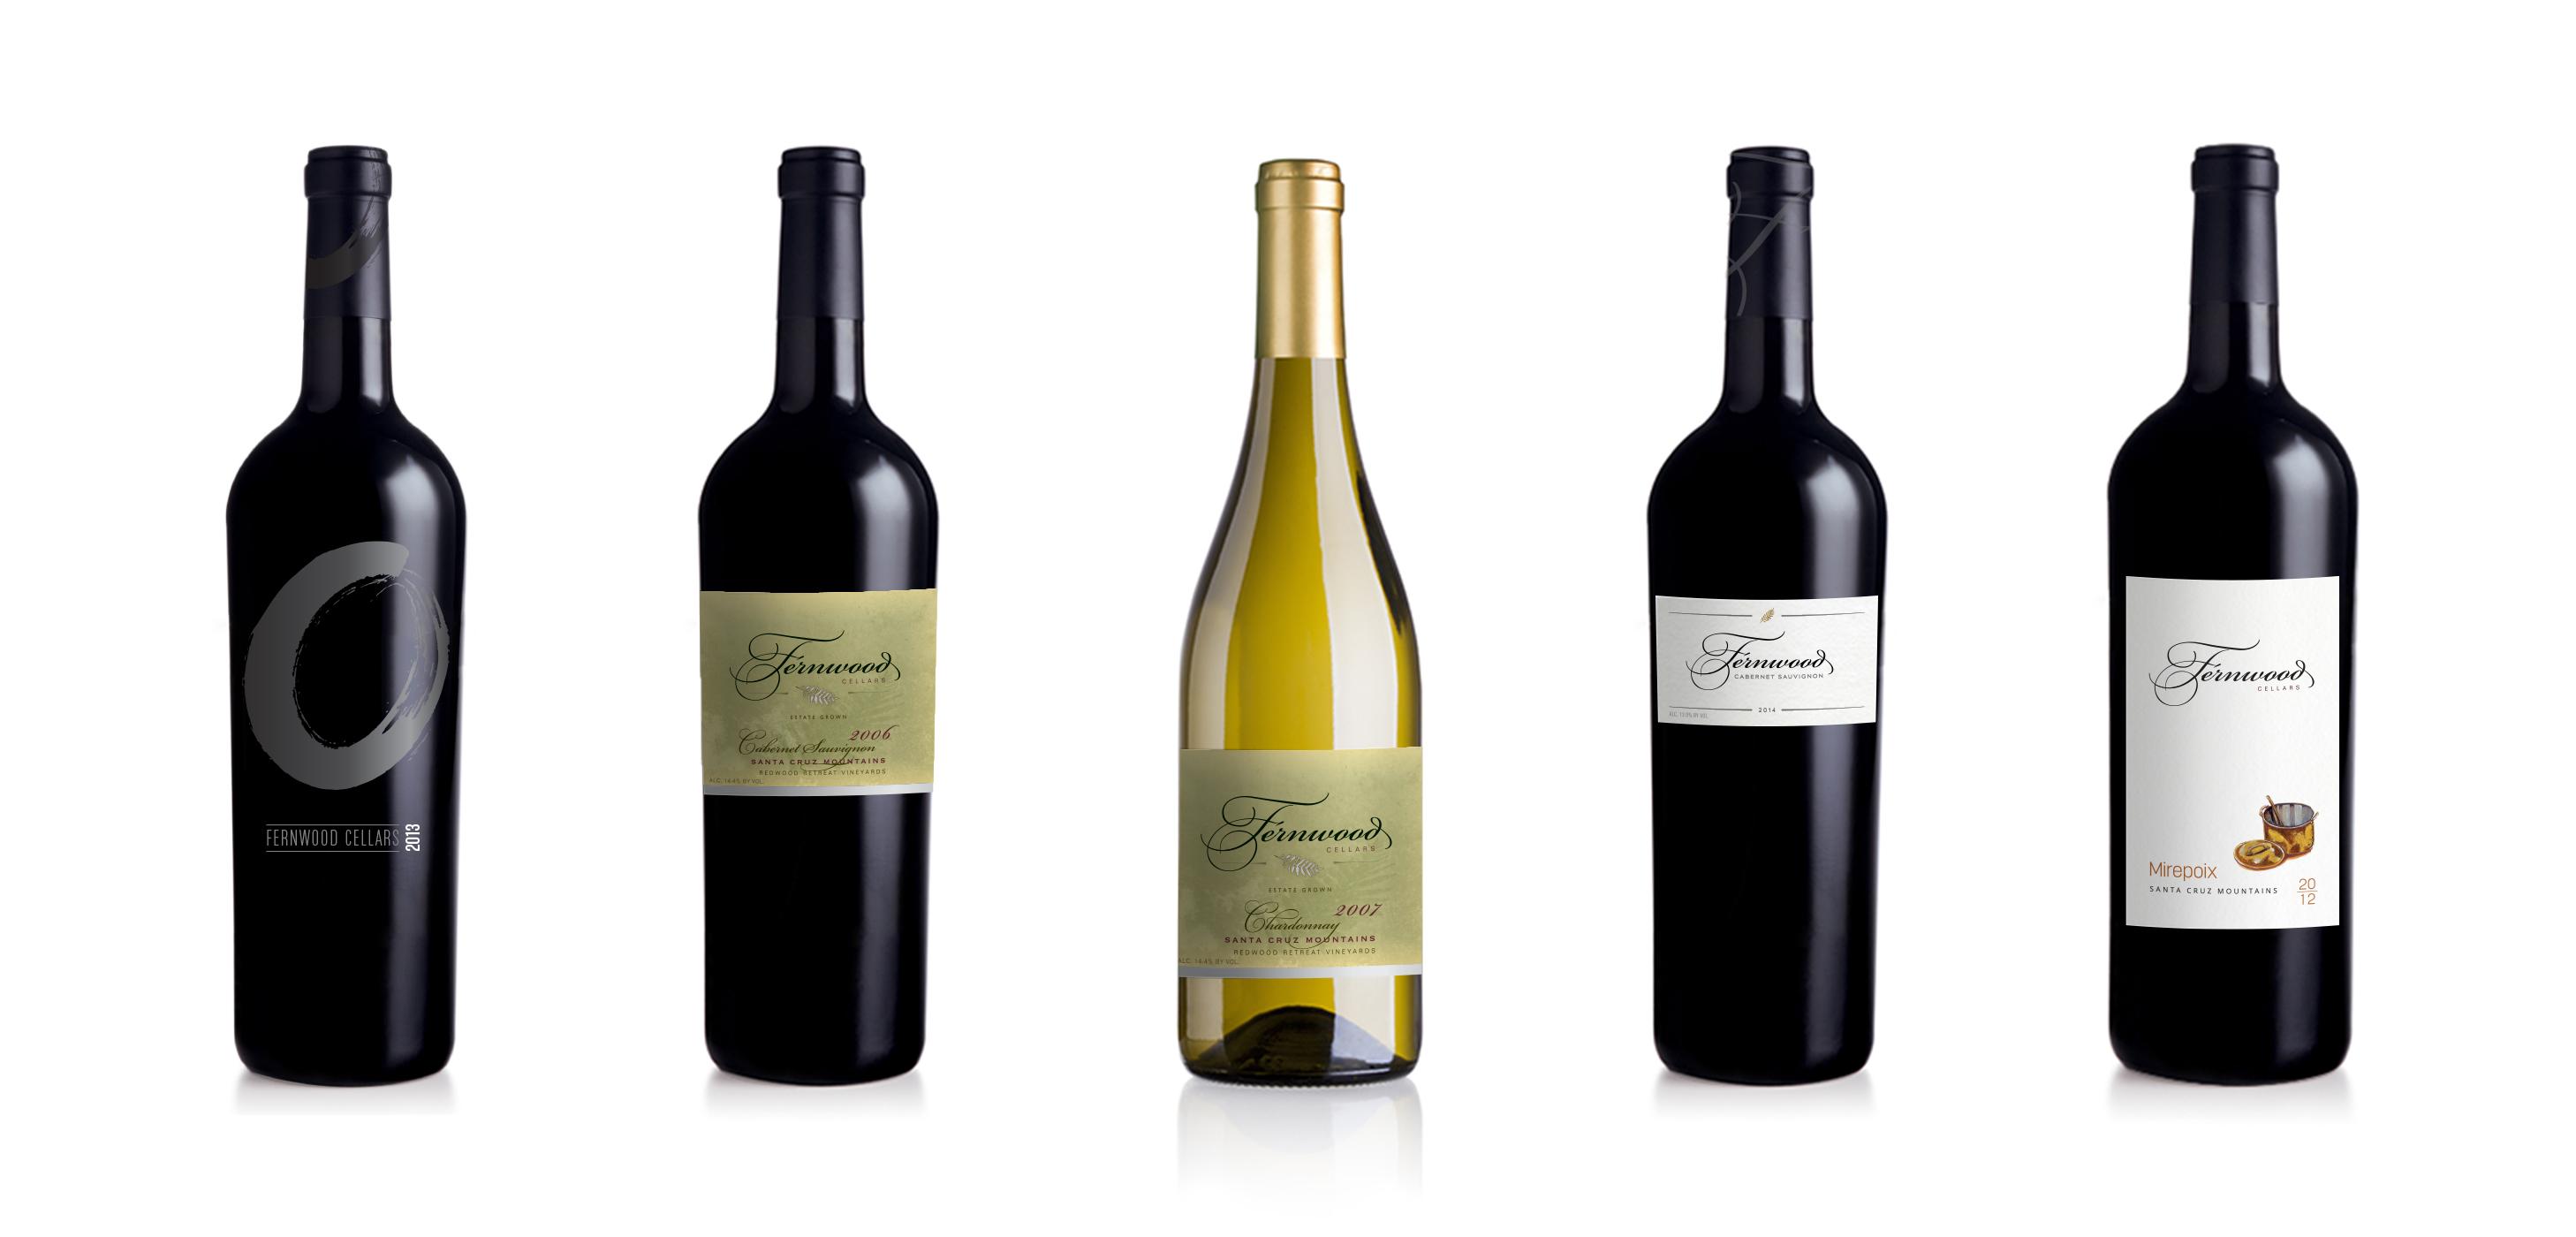 Fernwood Wine Bottles